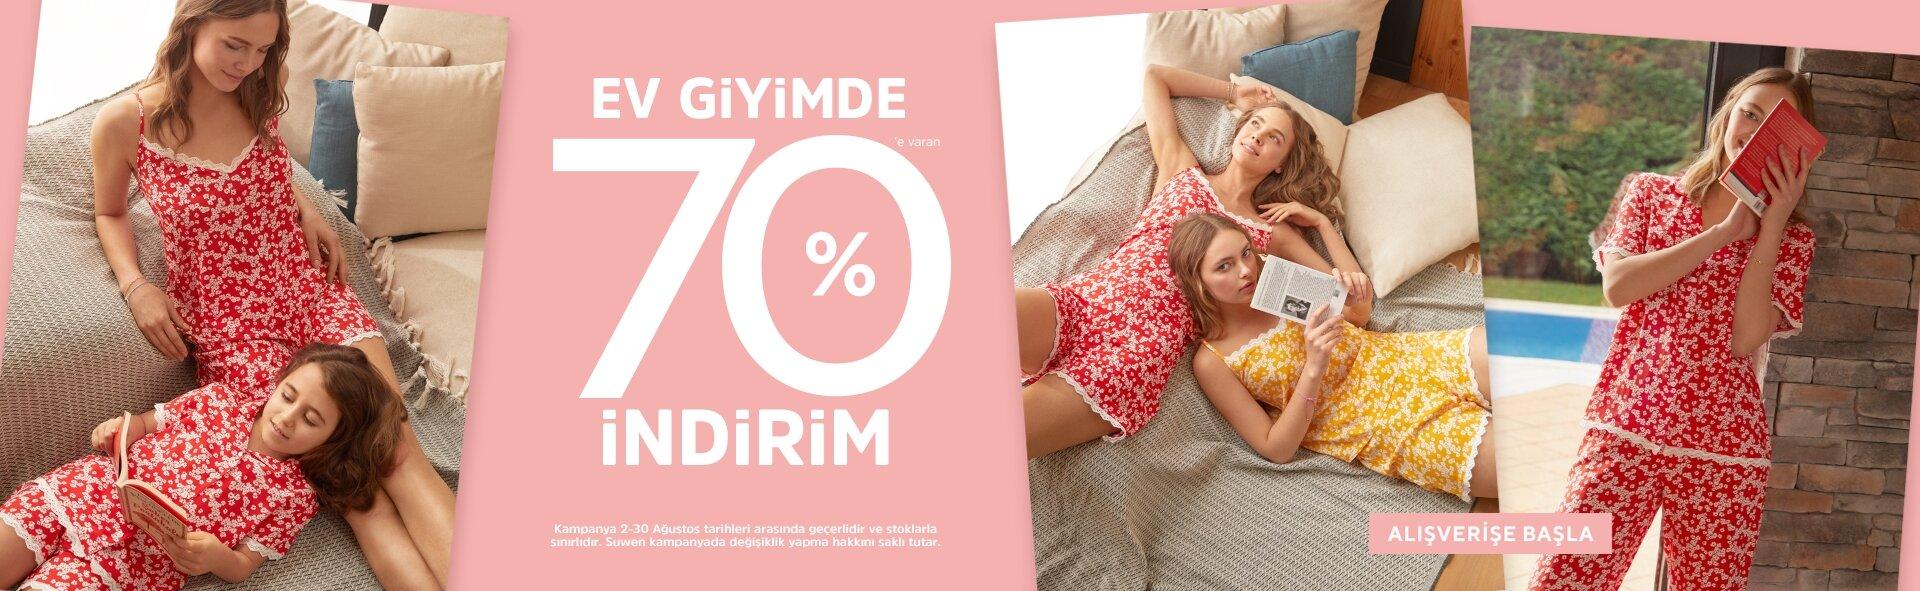 /c/ev-giyim-320?orderby=85